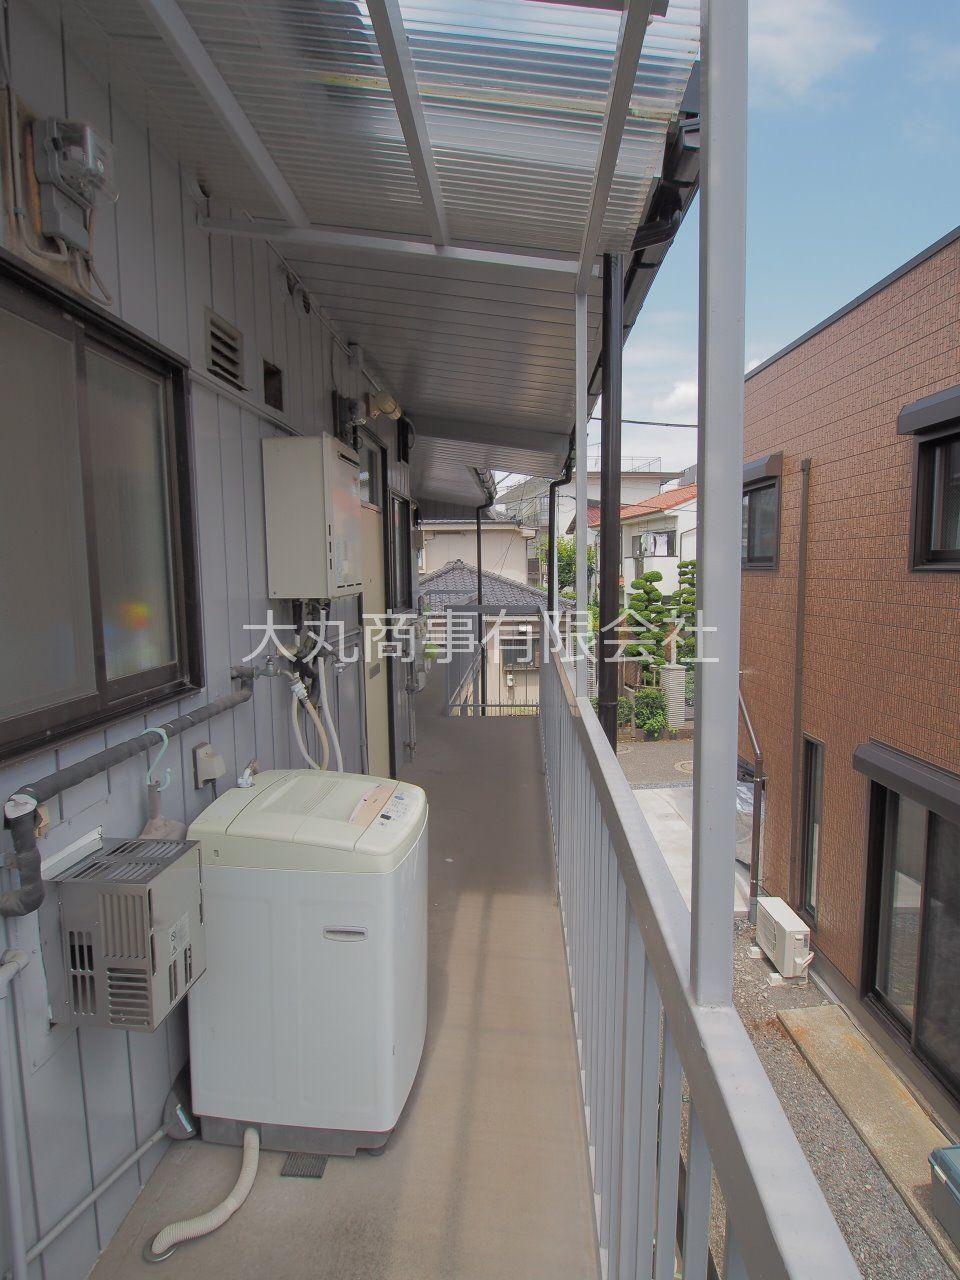 洗濯機置場を兼ねた共用廊下